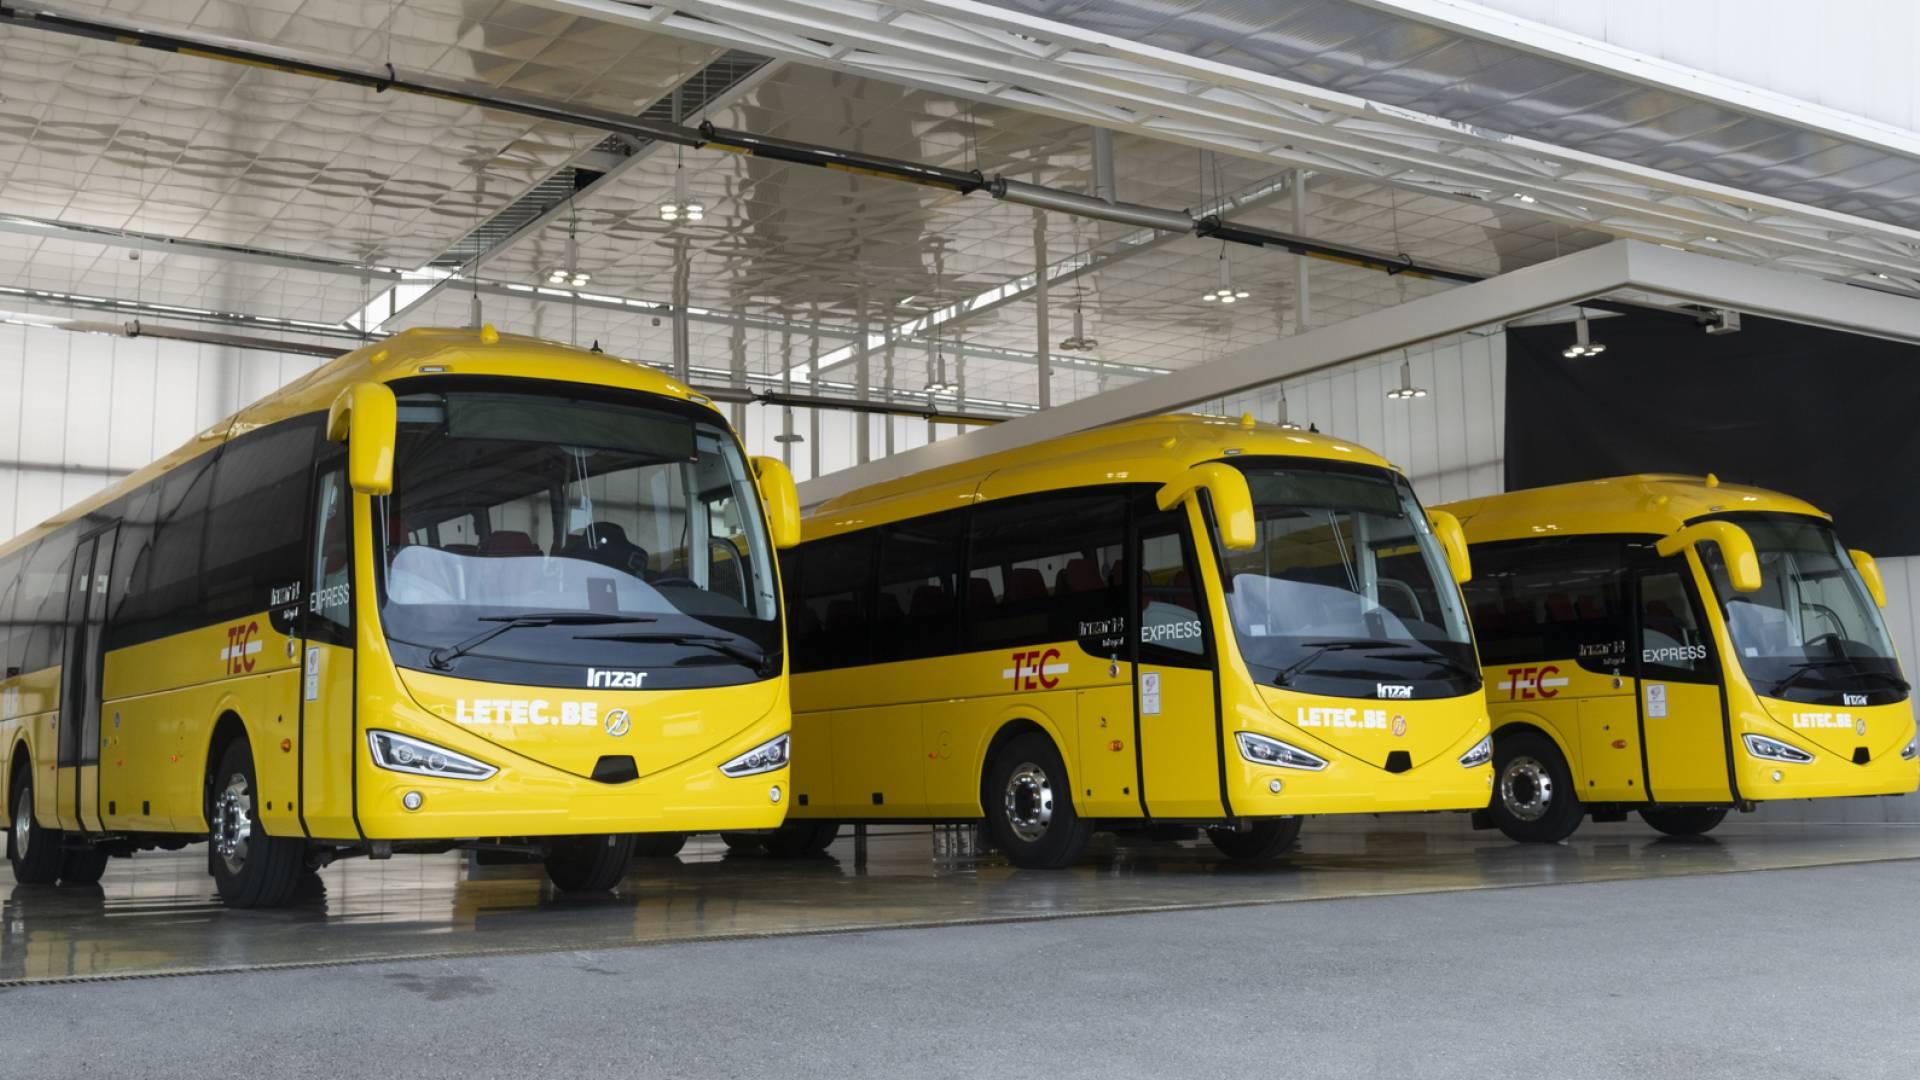 Autocares Irizar para el transporte público de Wallonia en Bélgica